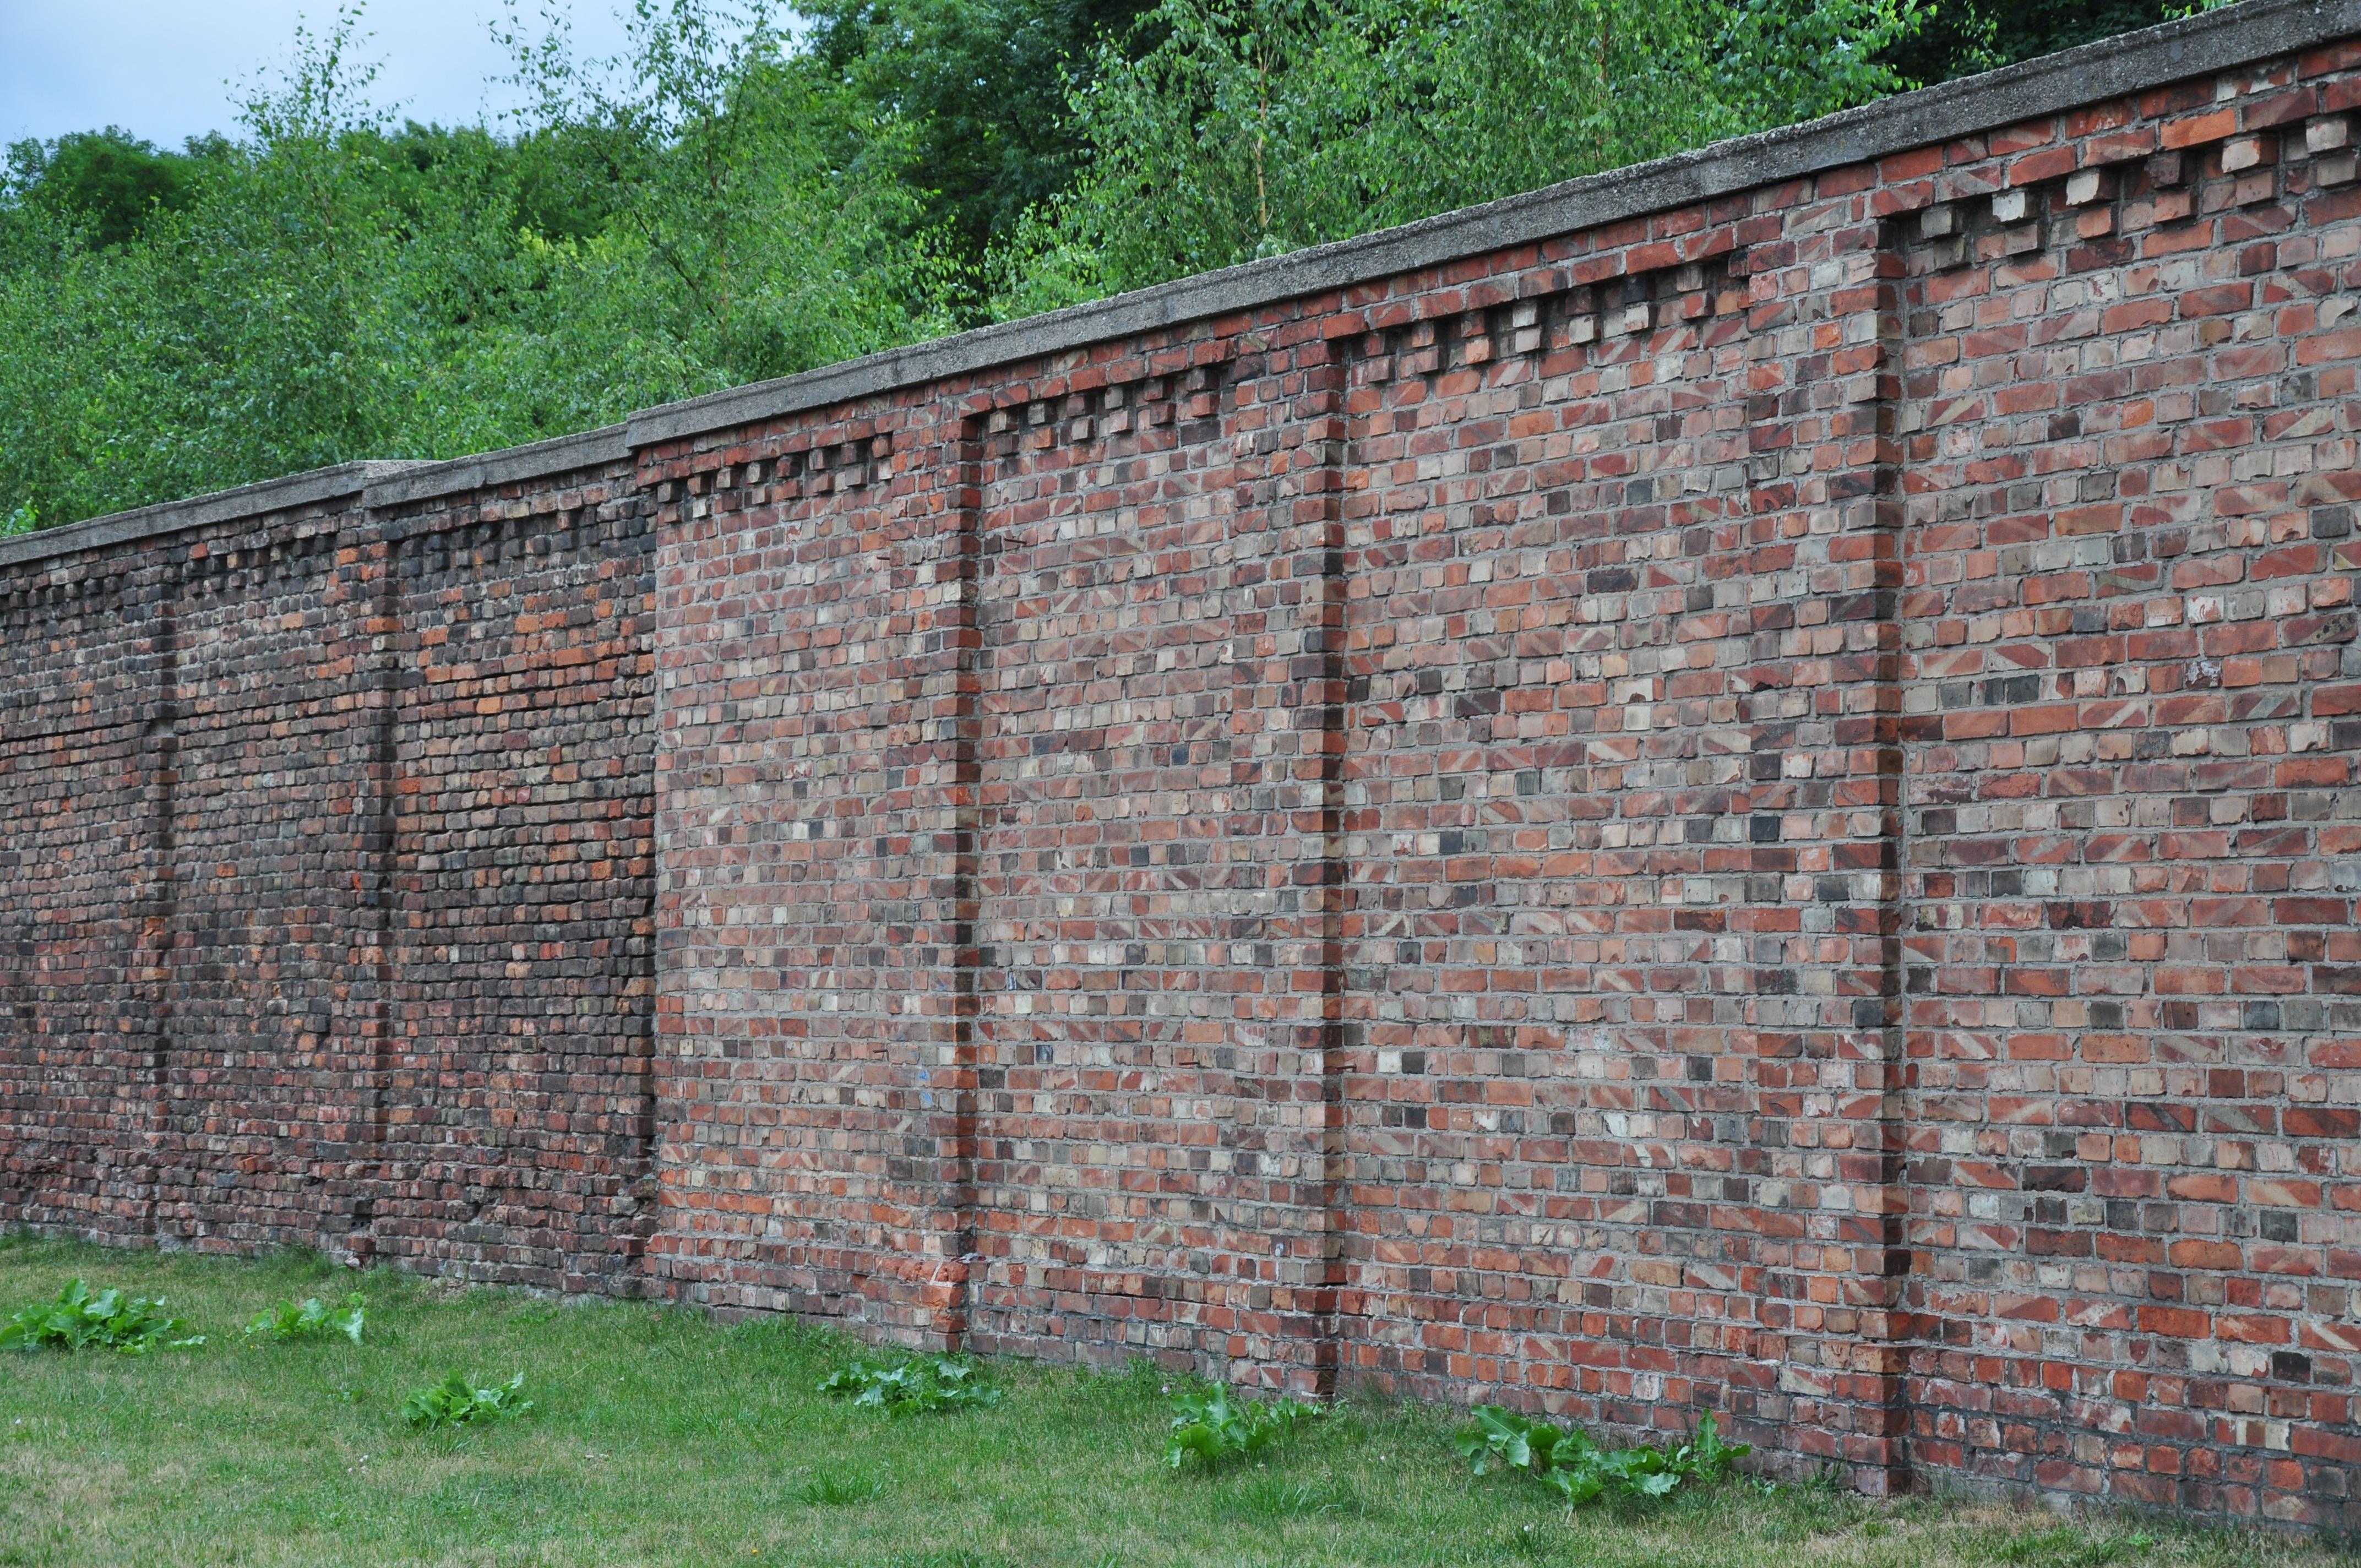 Gambar Monumen Milik Dinding Batu Bata Polandia Danau Dusia